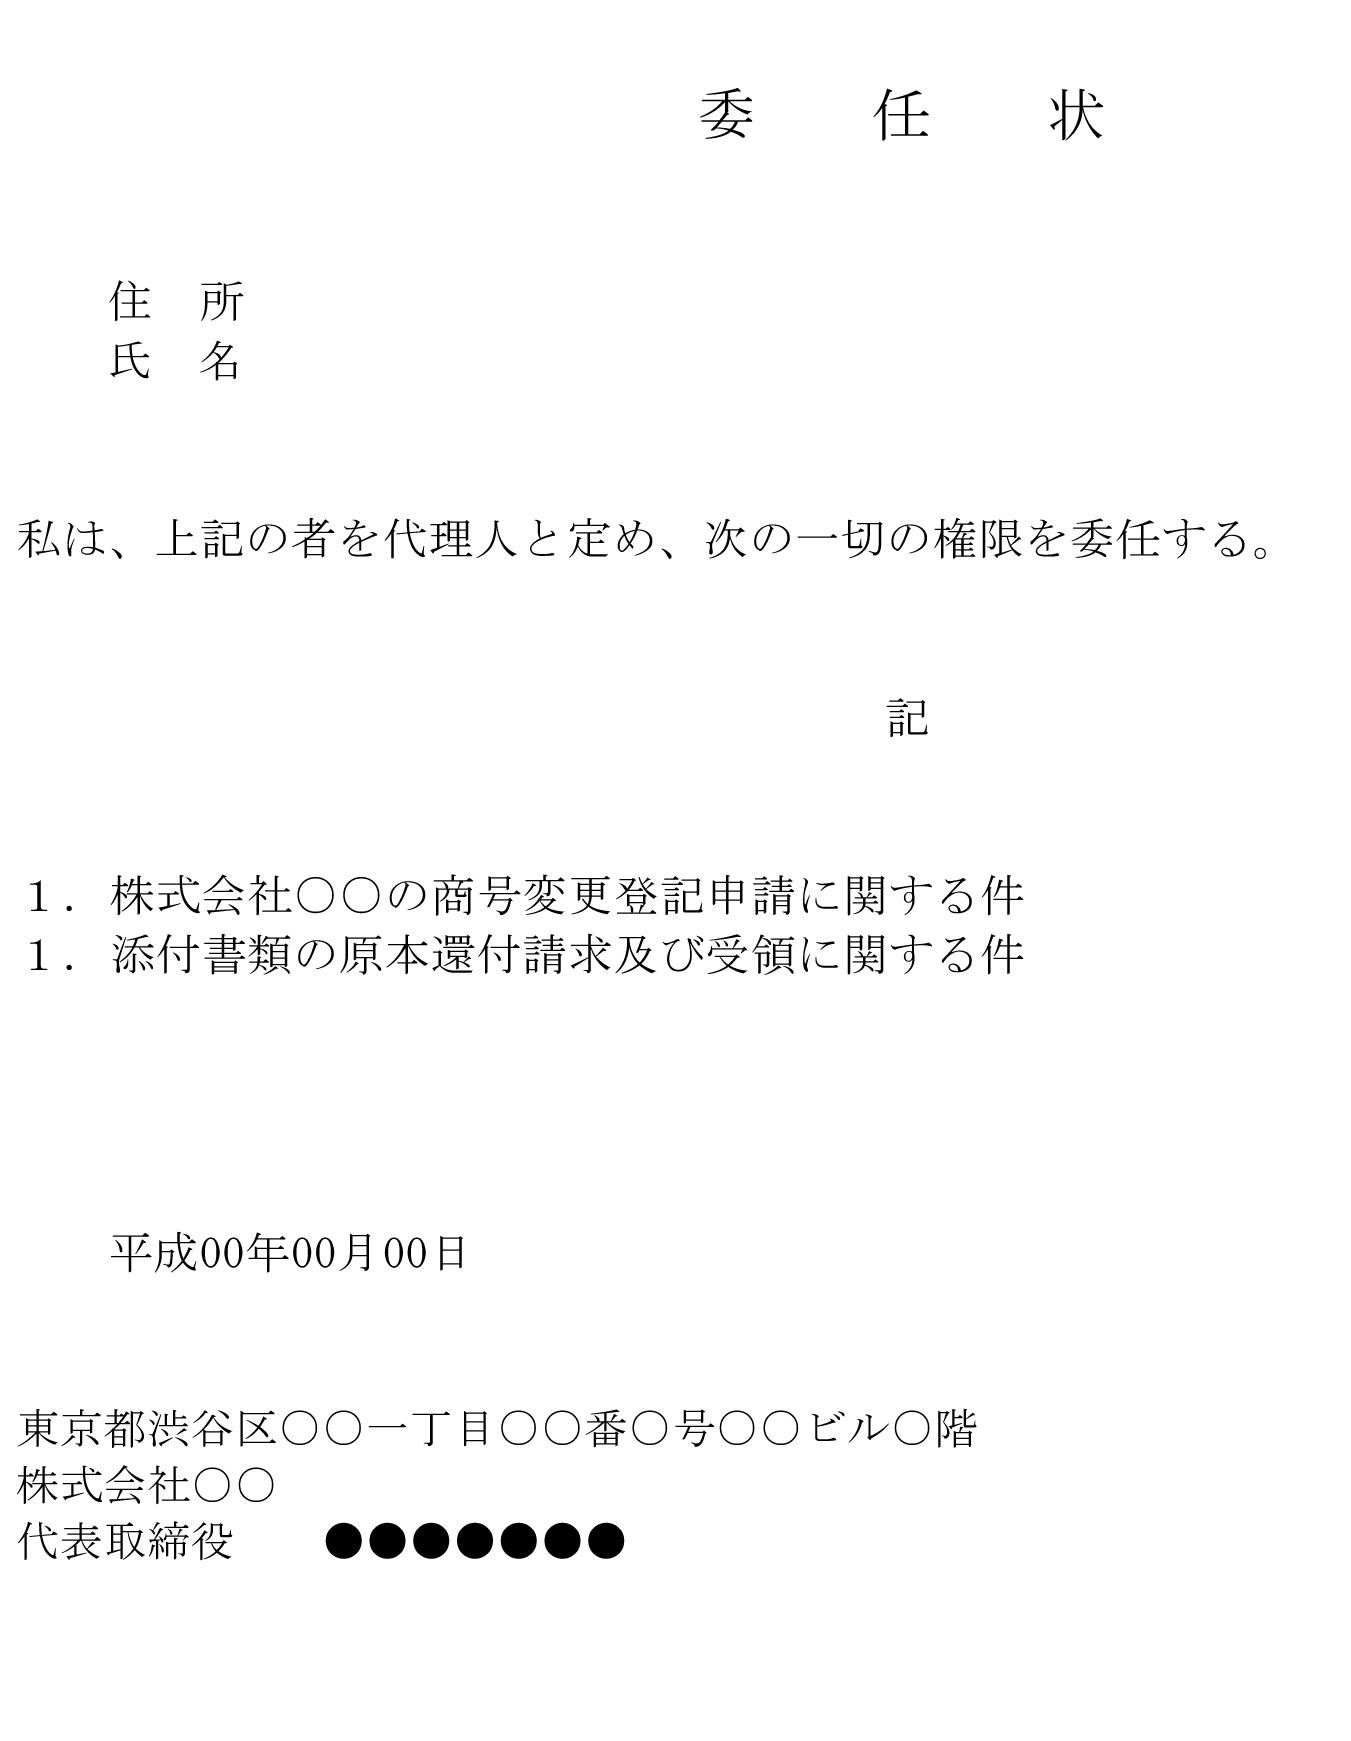 委任状(商号変更登記)